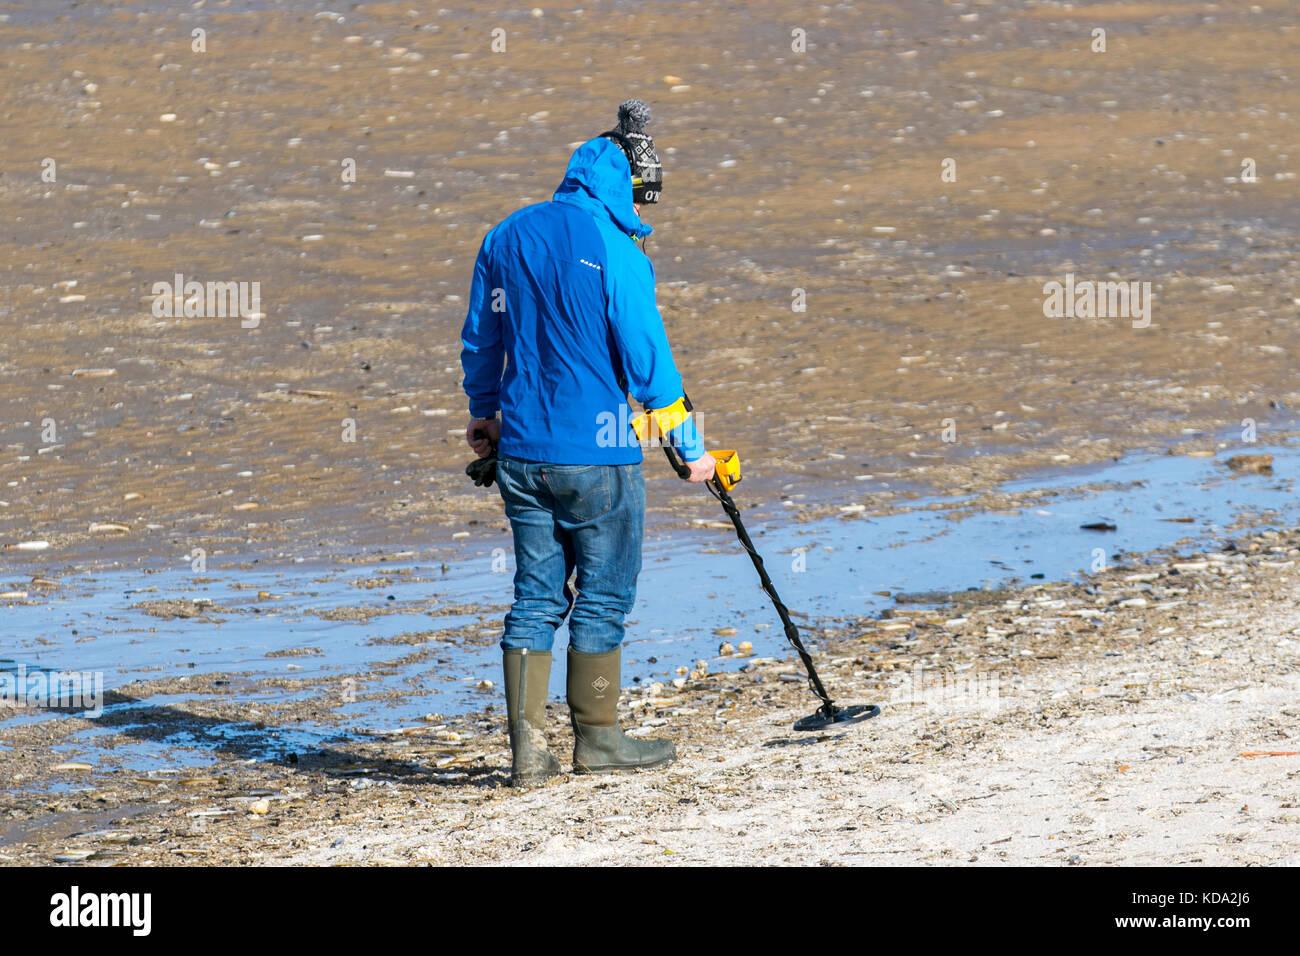 Metall dectorists der Strand in Southport blankscheifen. für Archäologie auf der Suche nach Schatz, Ausrüstung, Stockbild